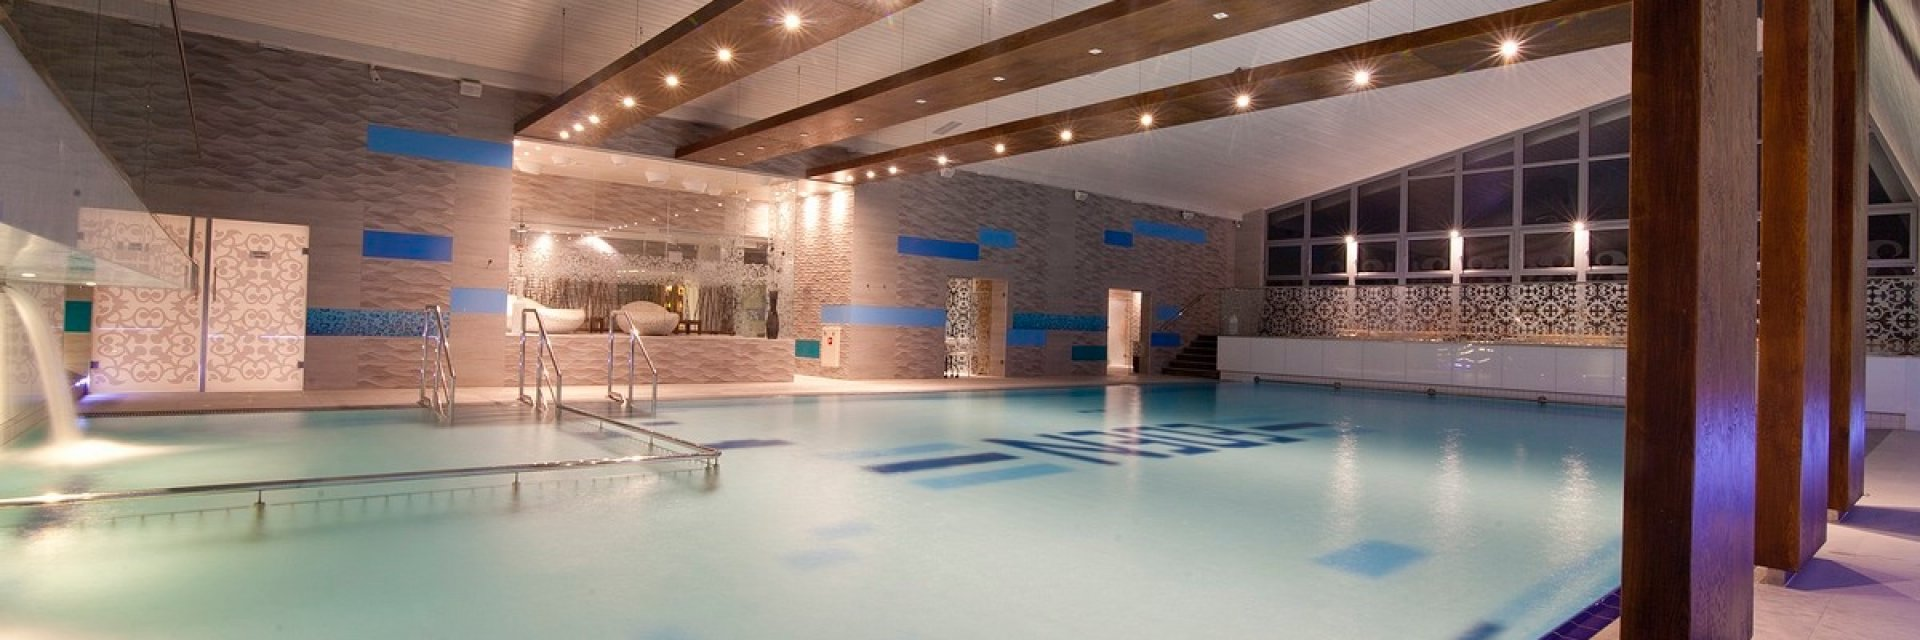 DWA  POKOJE  dla jednej  rodziny w super cenie! Wygodne Pokoje Hotelowe - obiekt z krytym basenem! Pakiet Rodzinny 2+2